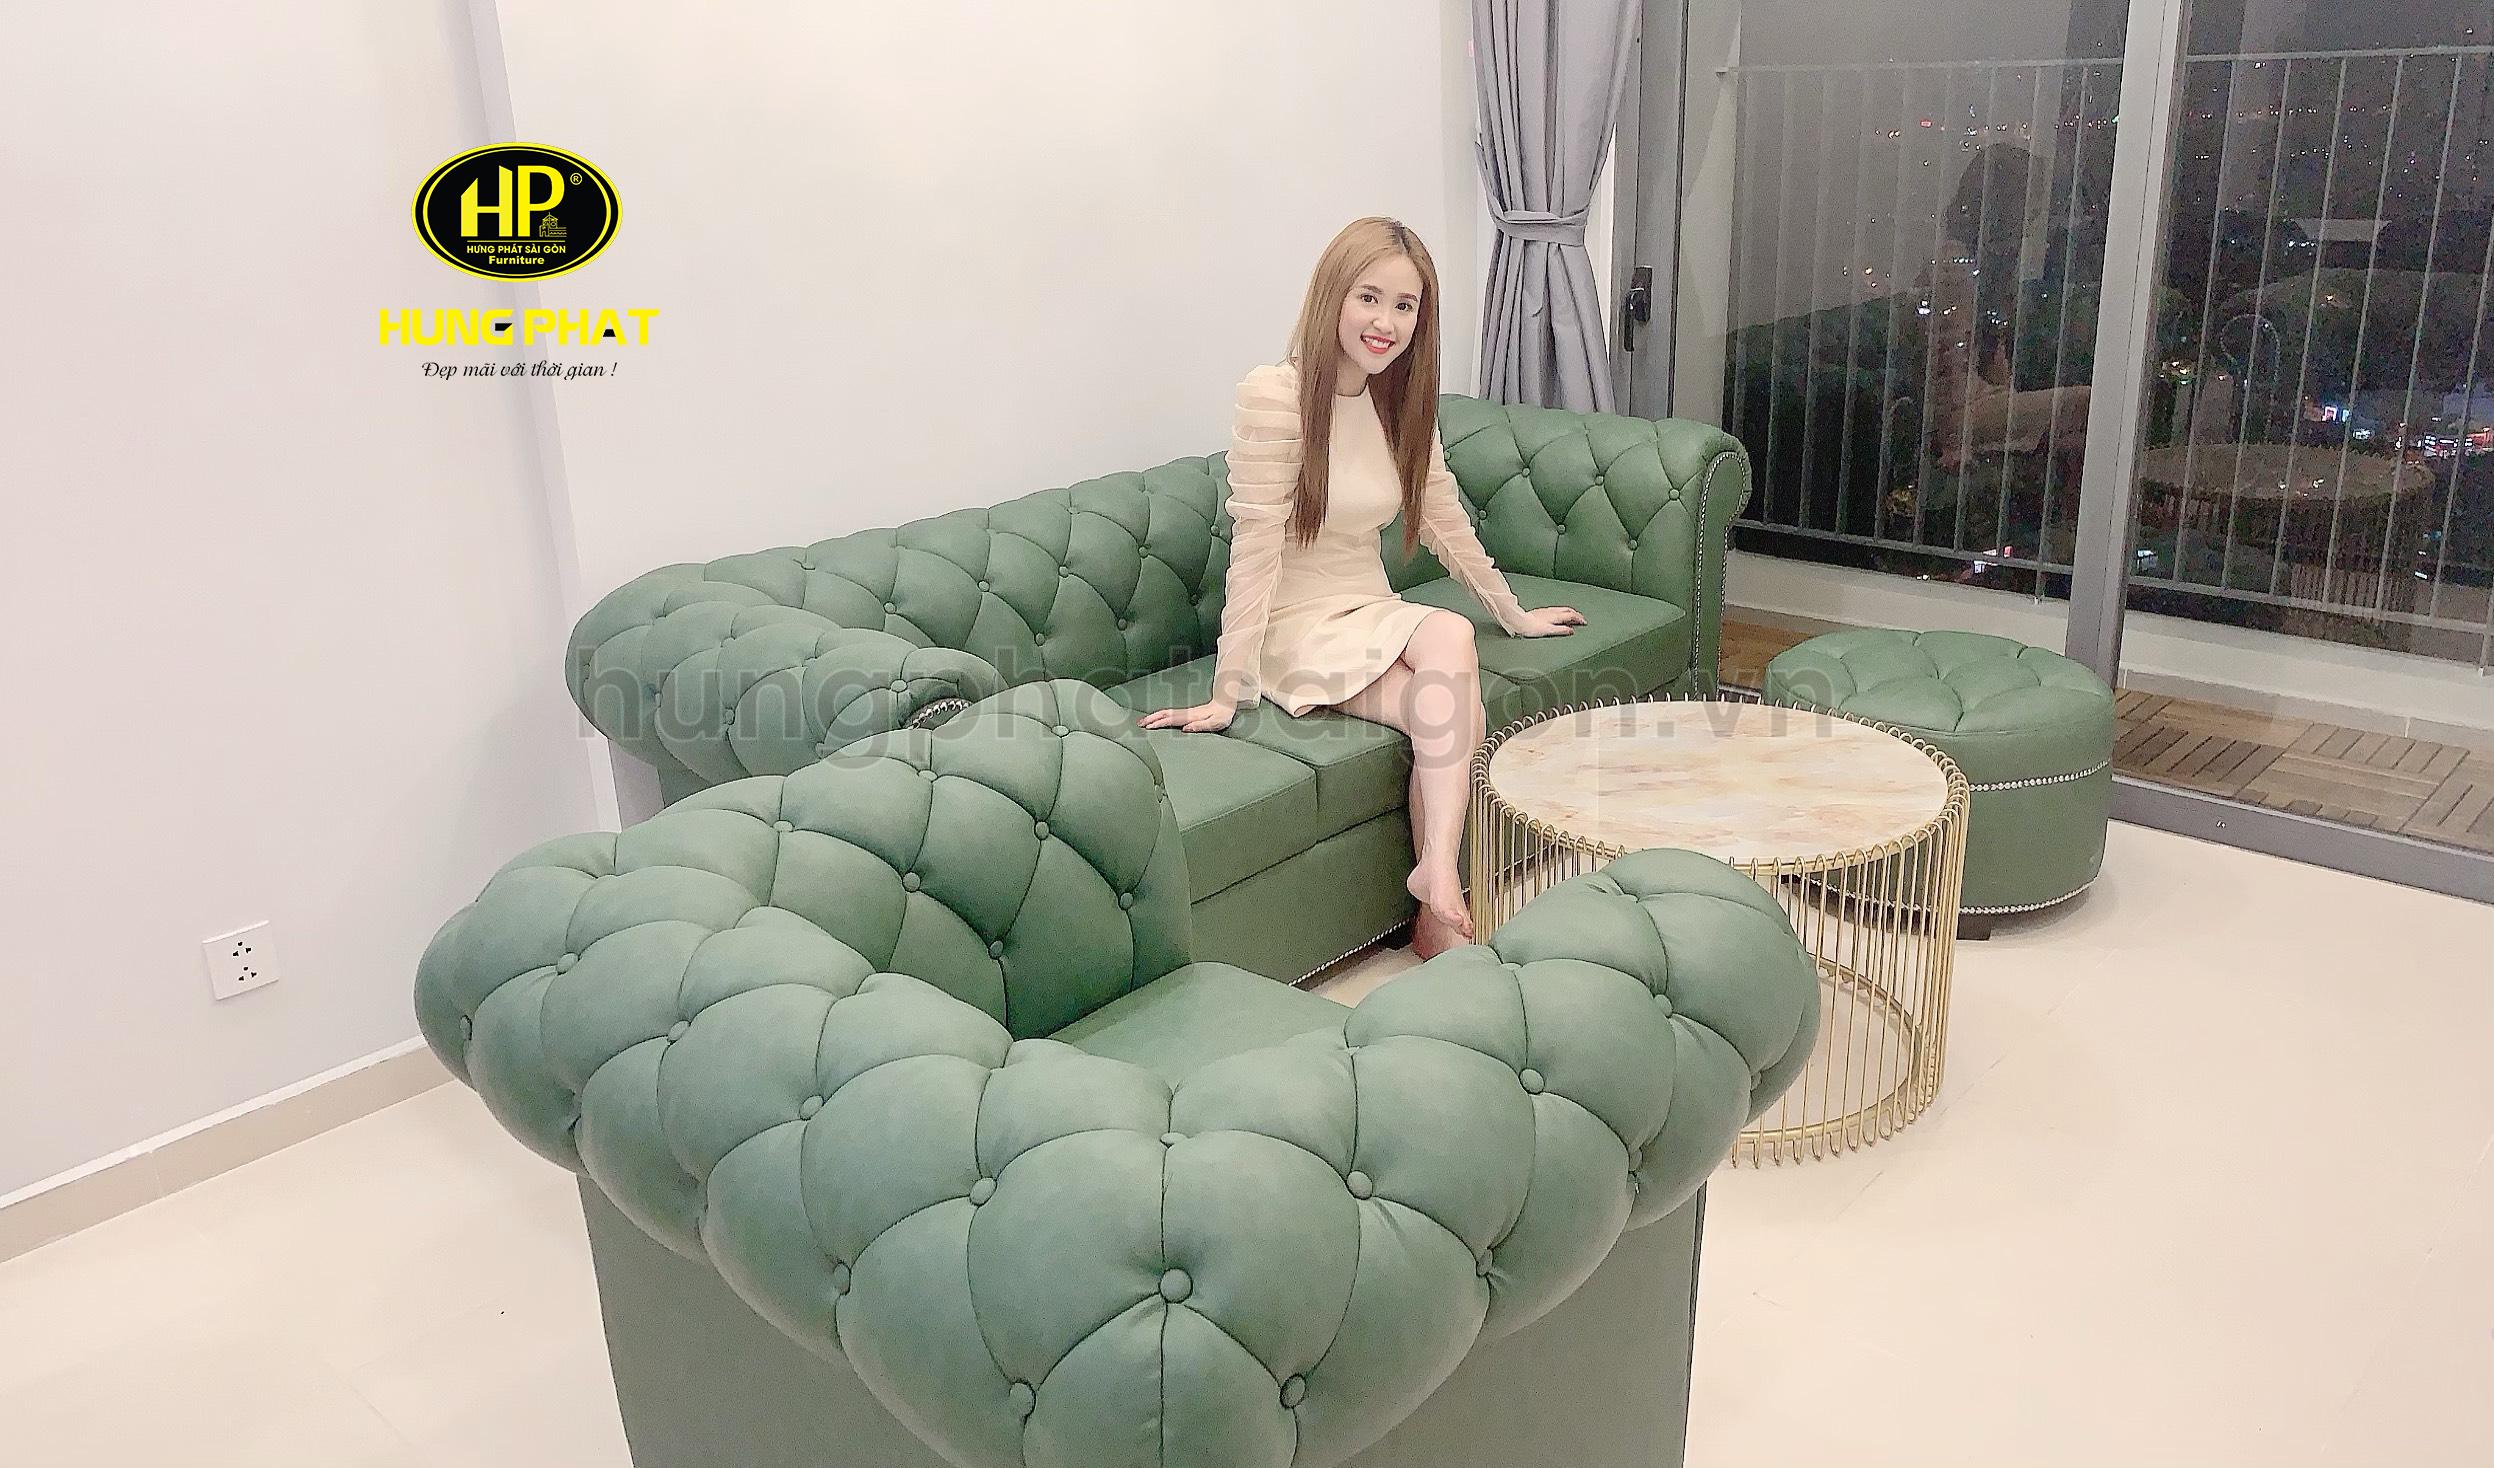 ghế sofa cao cấp sang trọng tại hungphatsaigon.vn